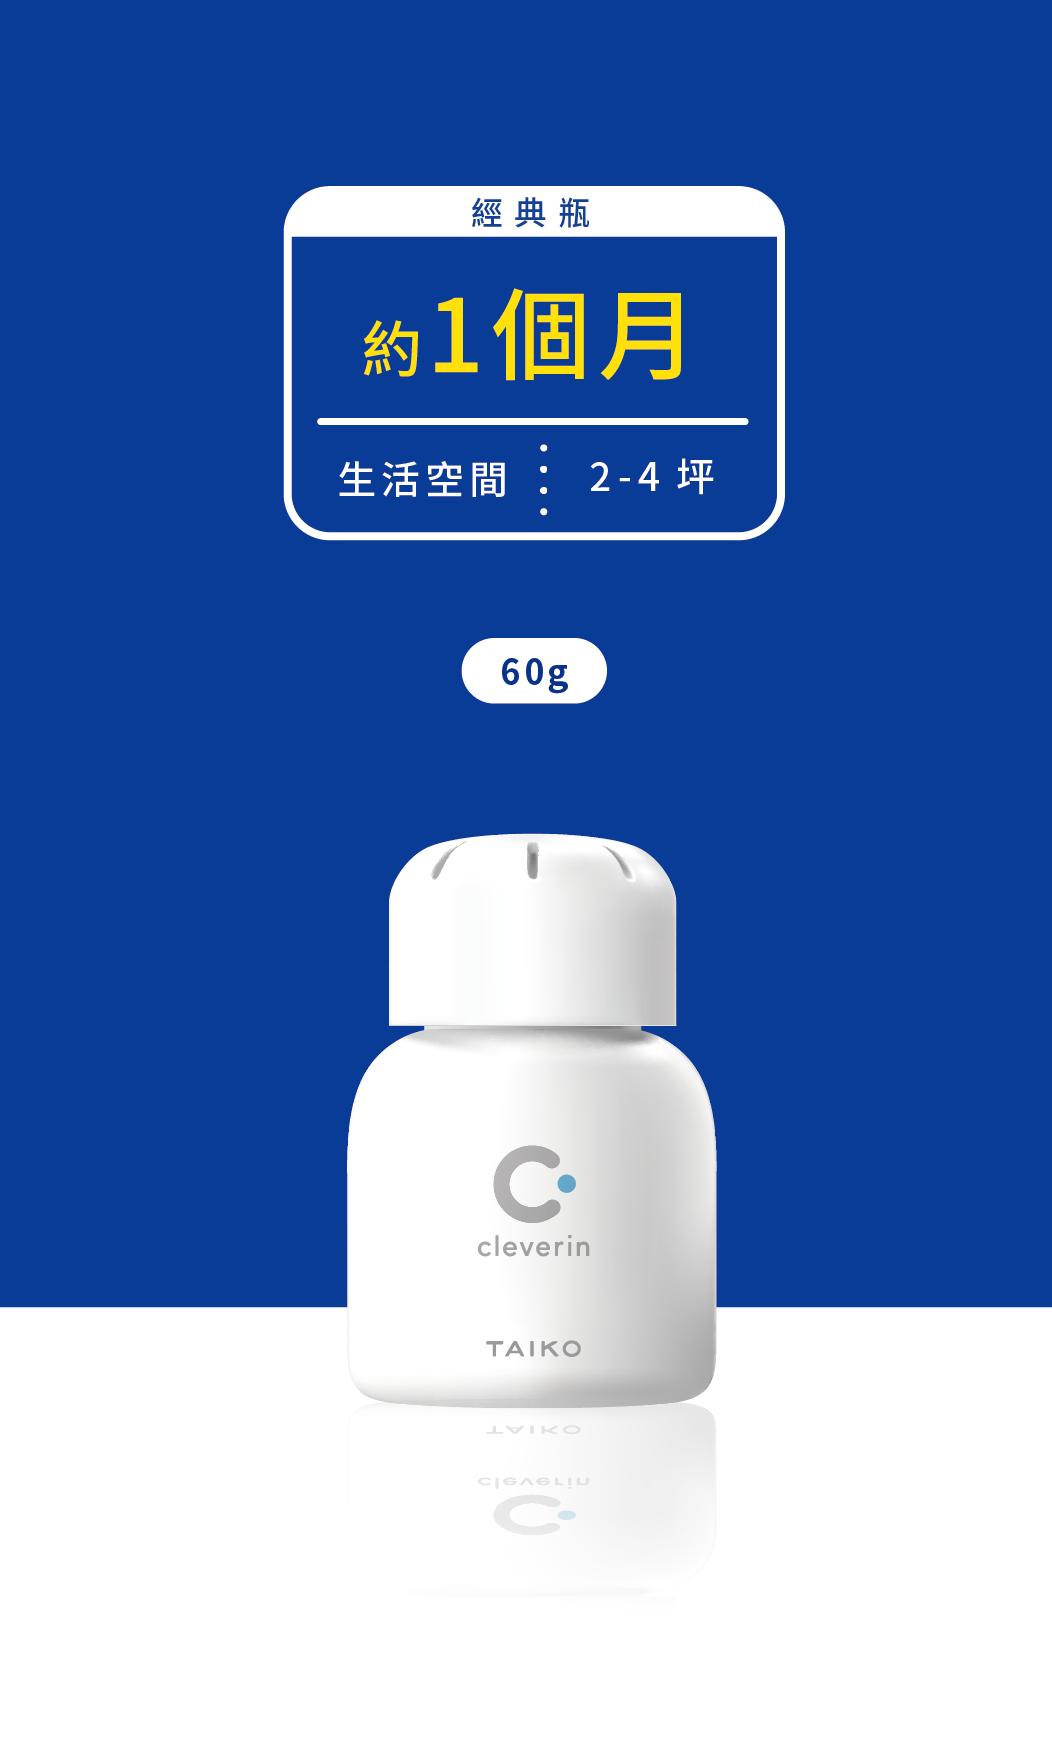 加護靈經典瓶60g使用在2-4坪的生活空間,約使用一個月